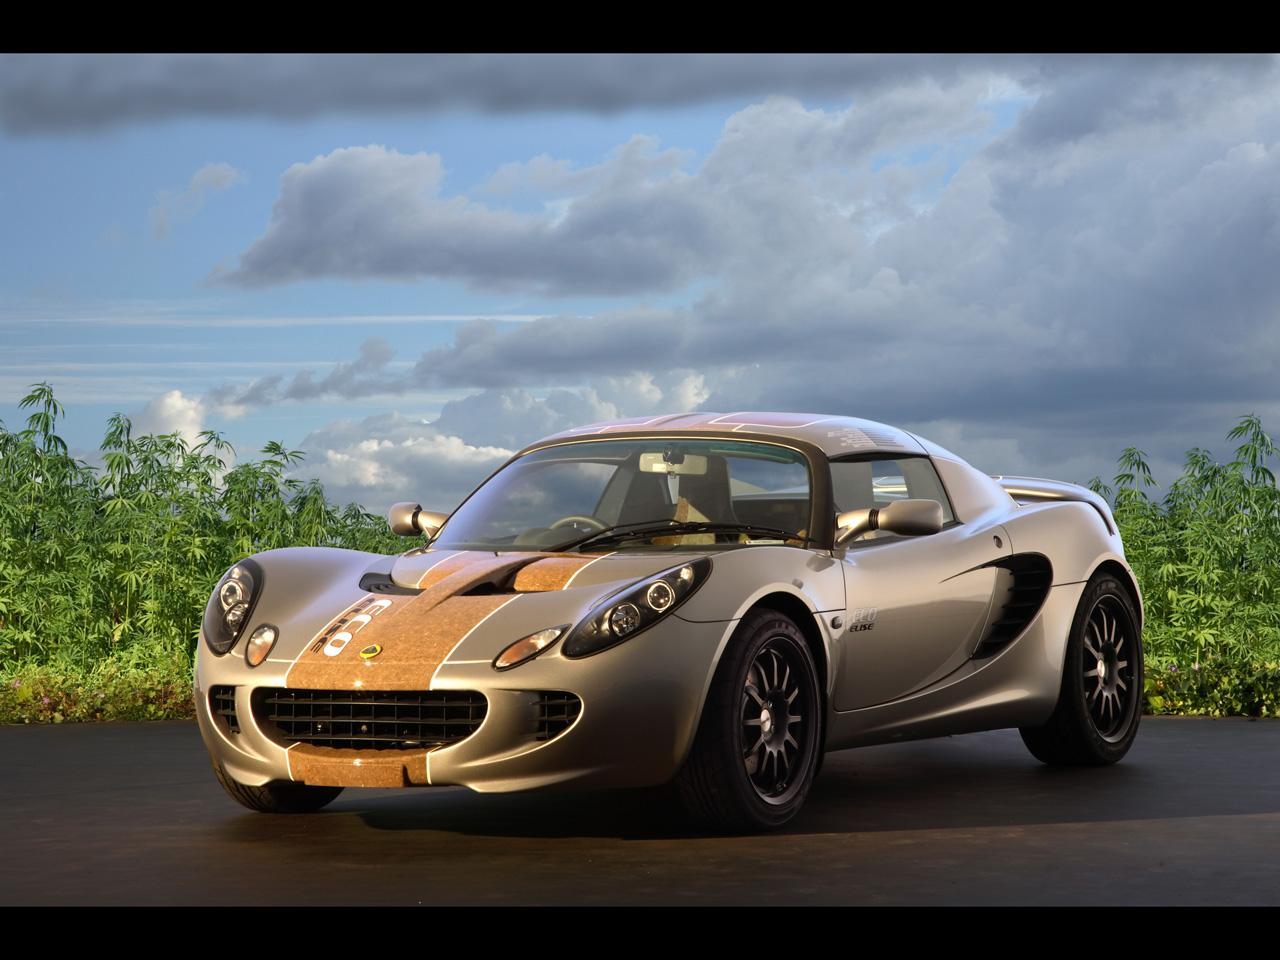 2008-Lotus-Eco-Elise-Front-Angle-1280x960.jpg